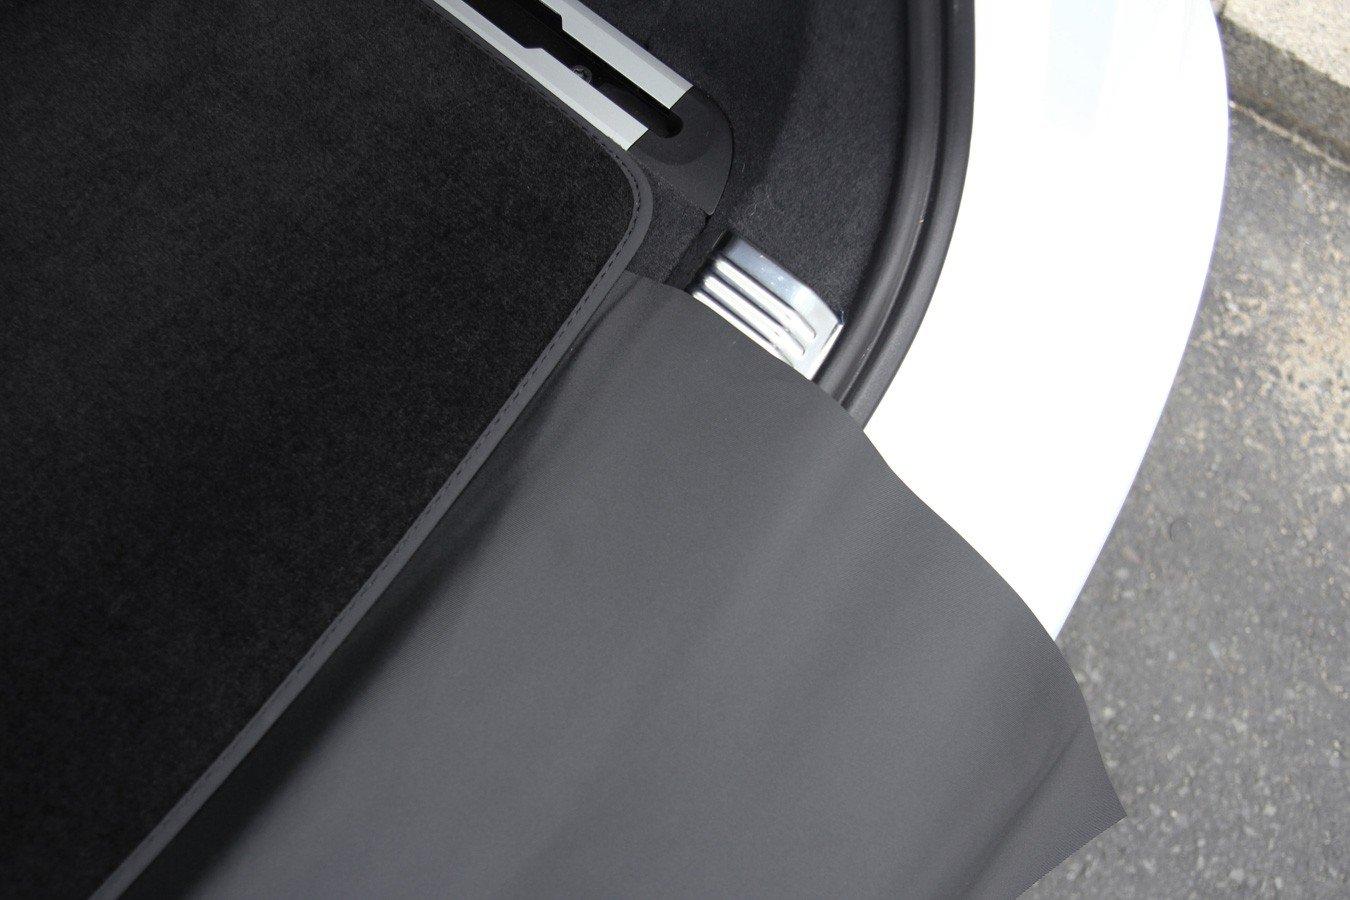 Tuning-Art 2807 Auto Kofferraummatte mit R/ückbankschutz und Ladekantenschutz 3-teilig